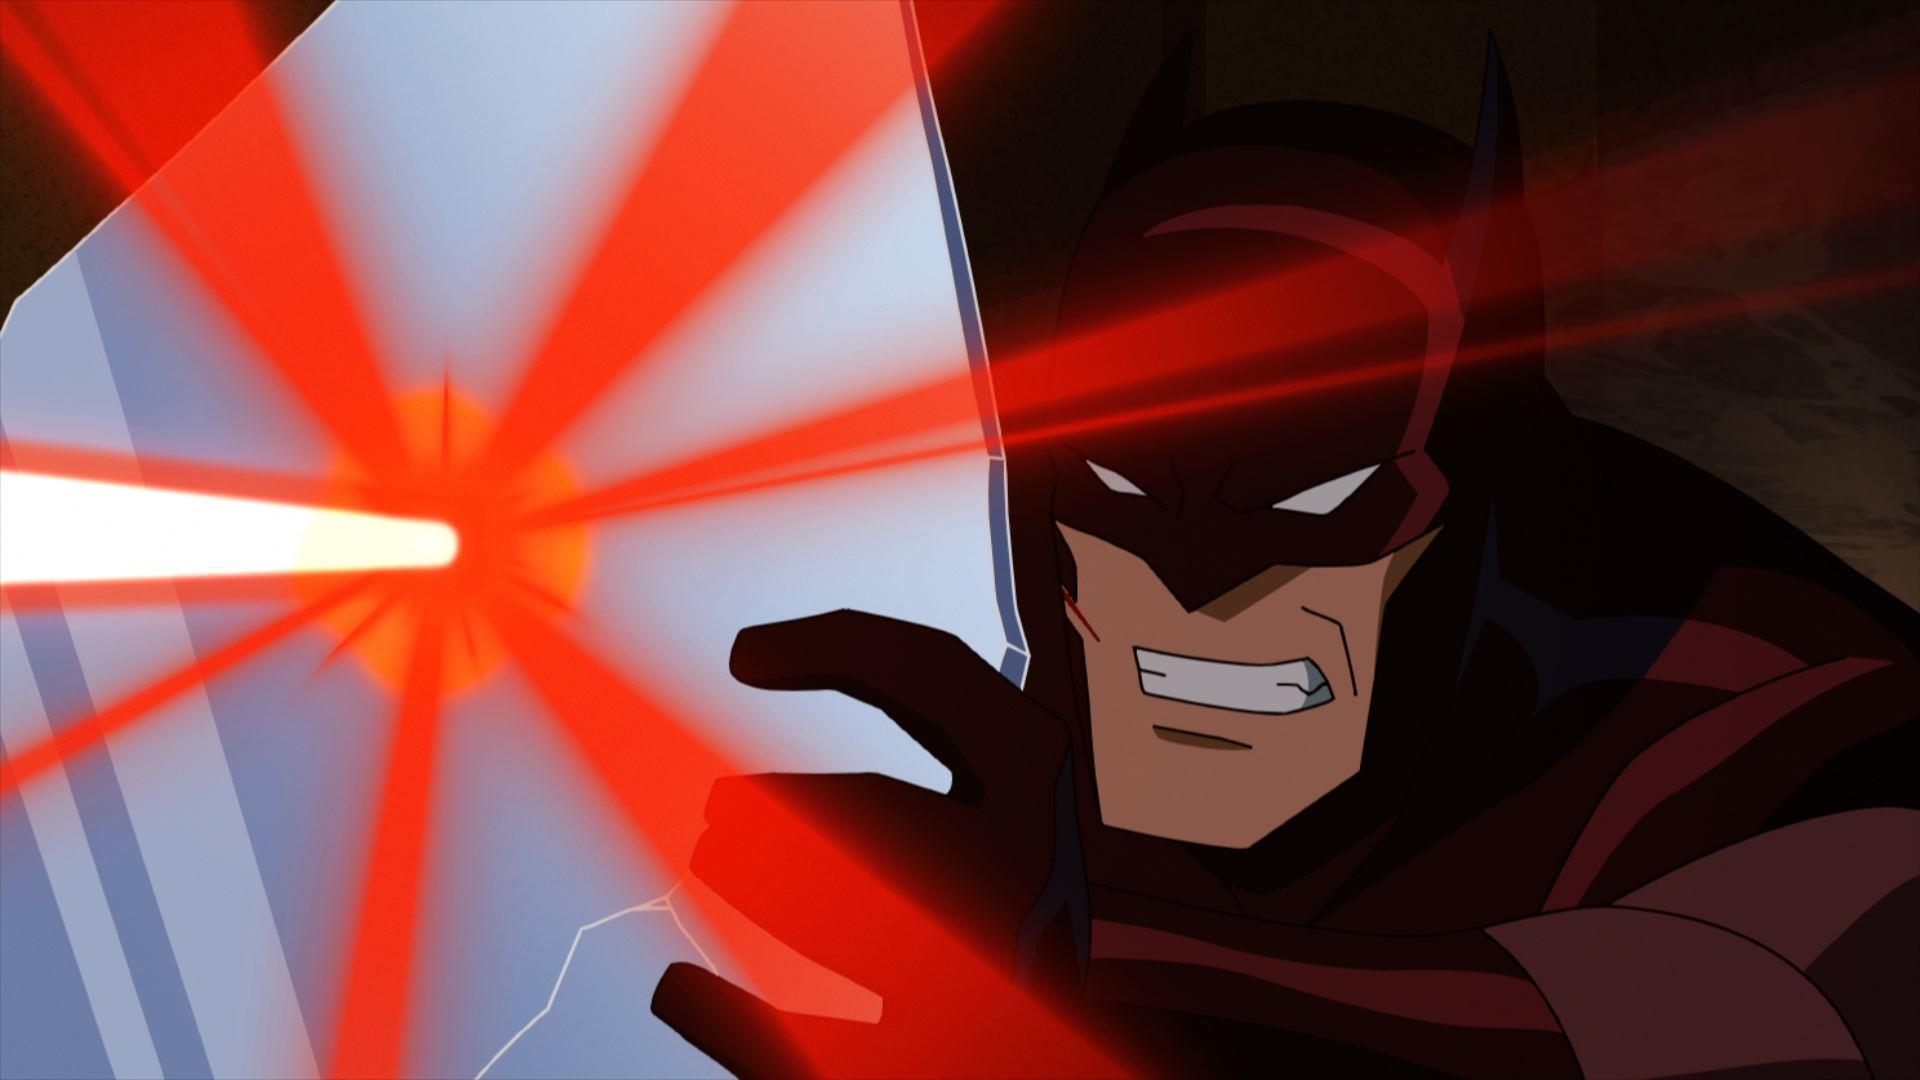 justice league doom movie download